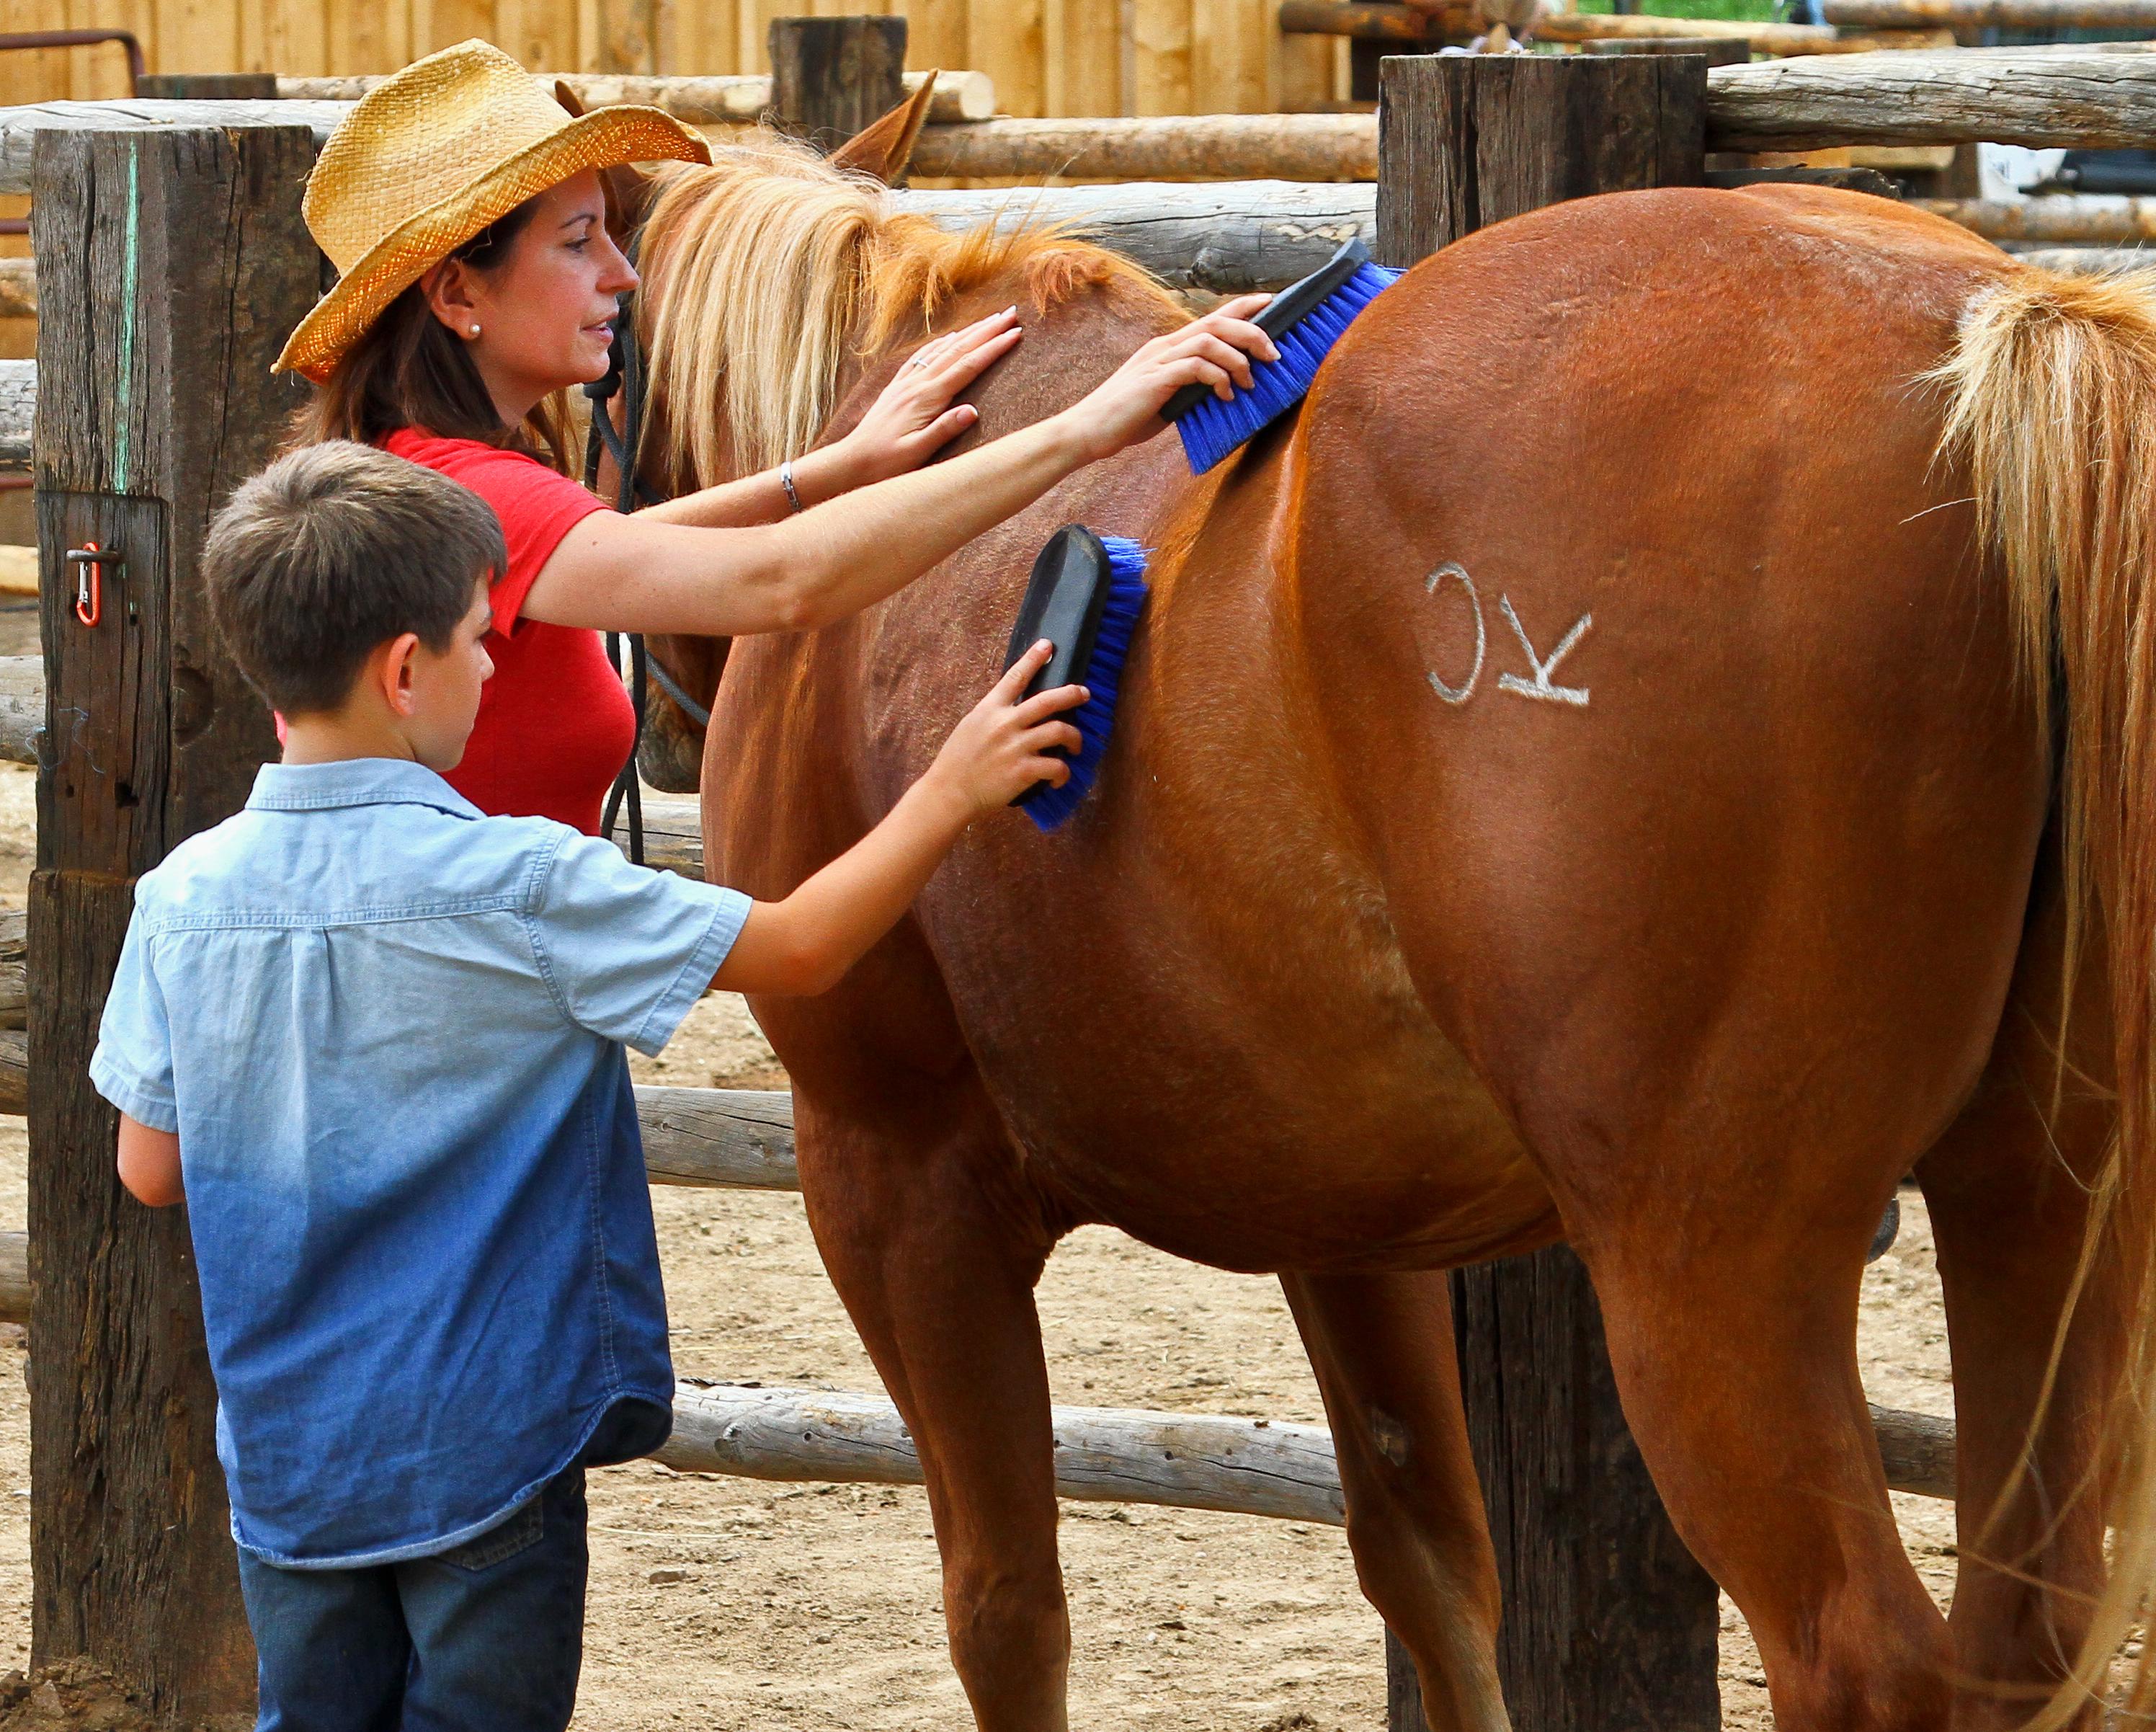 brushing-horses-cherokee-park.jpg